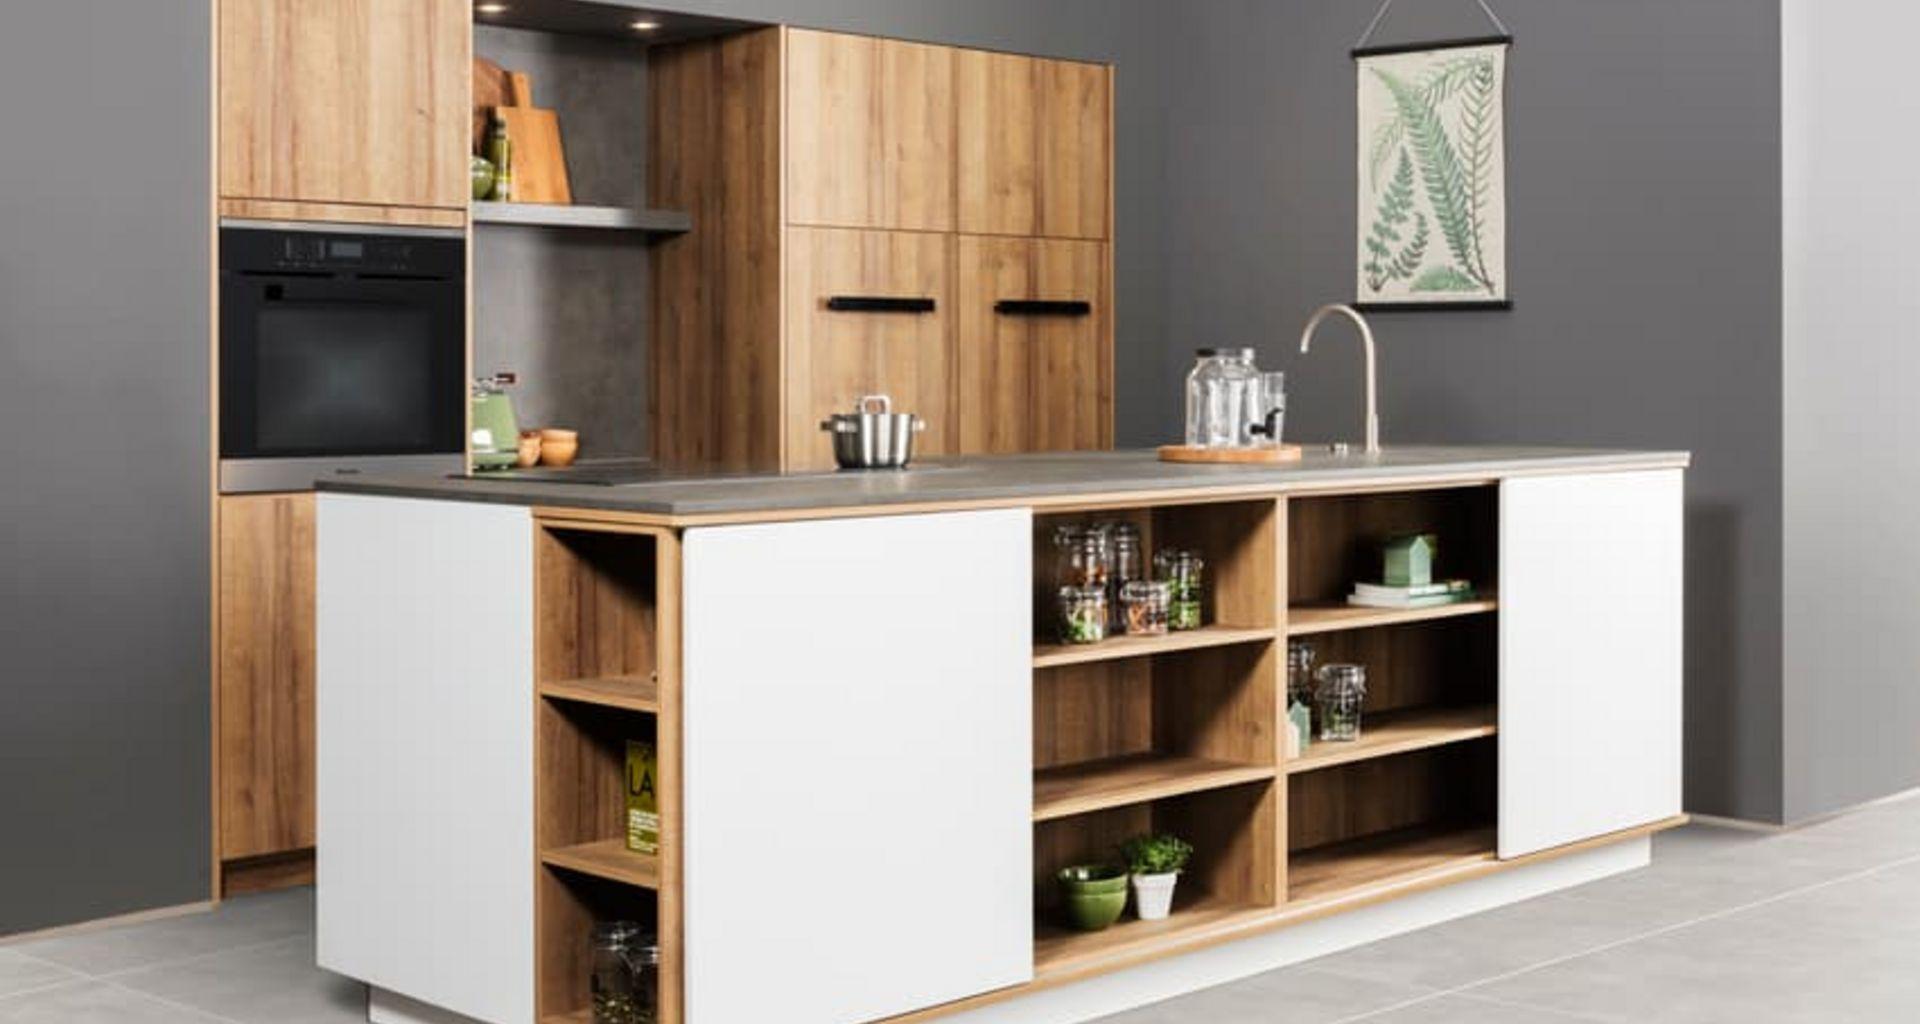 Keuken van natuurlijke materialen